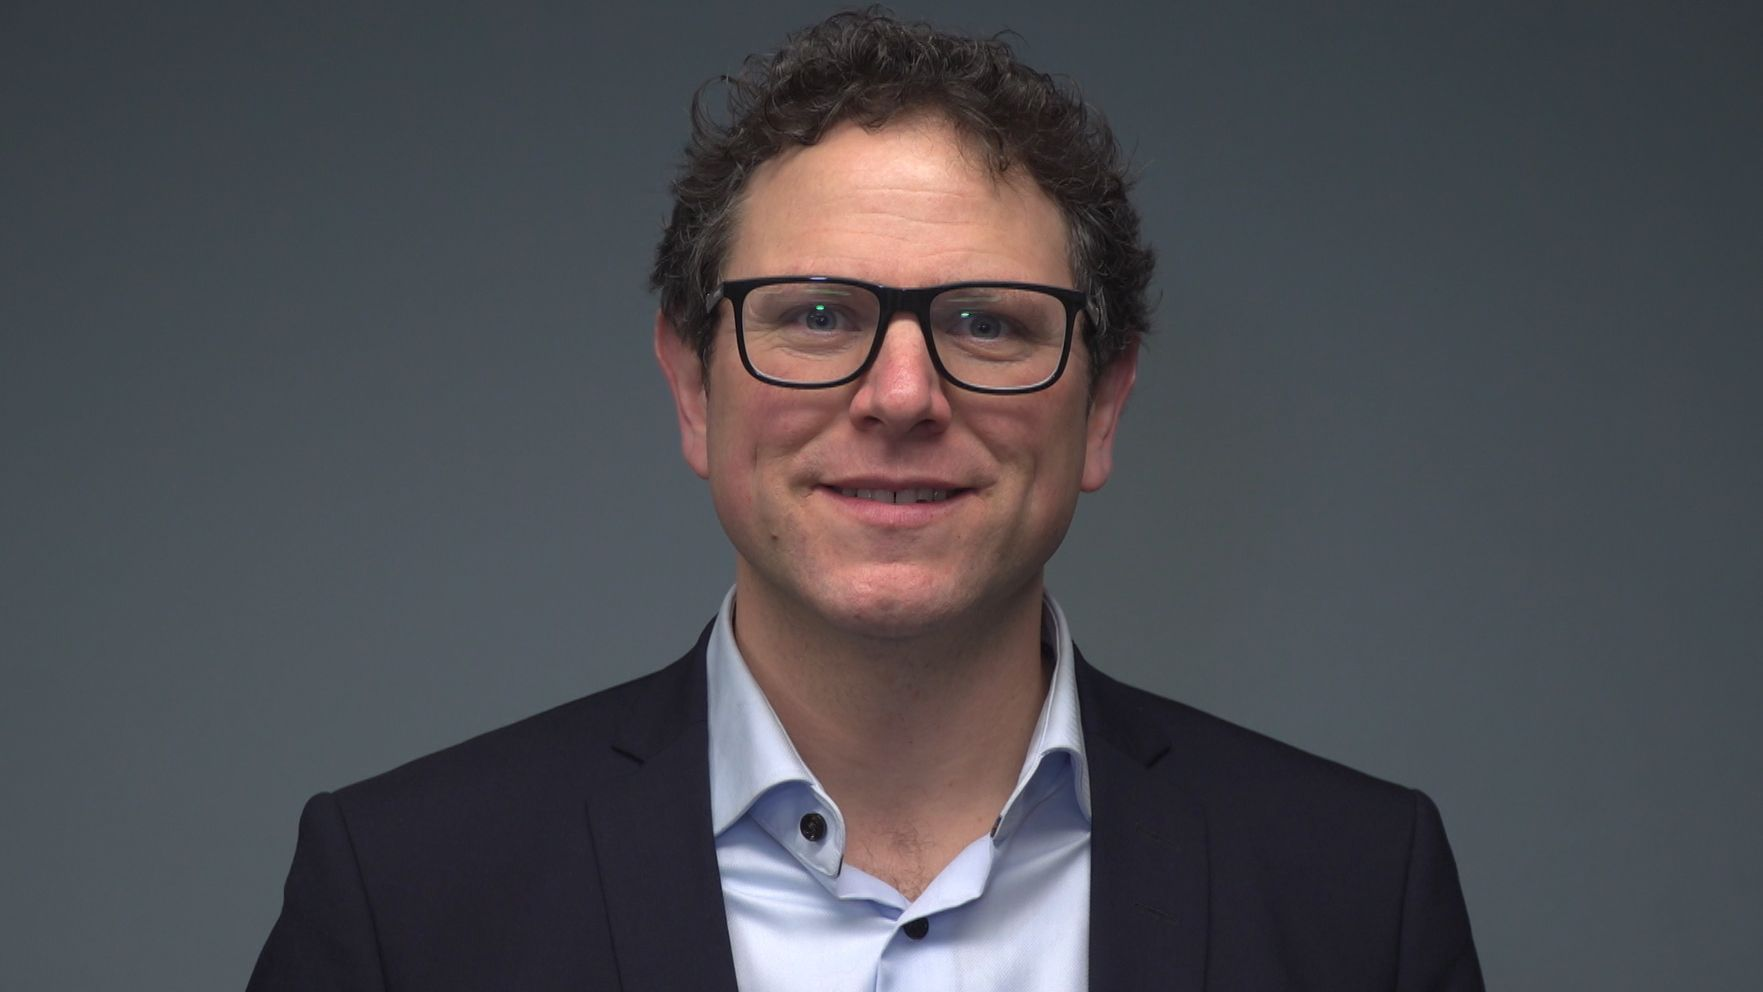 Martin Heilig, OB-Kandidatin derGrünen in Würzburg